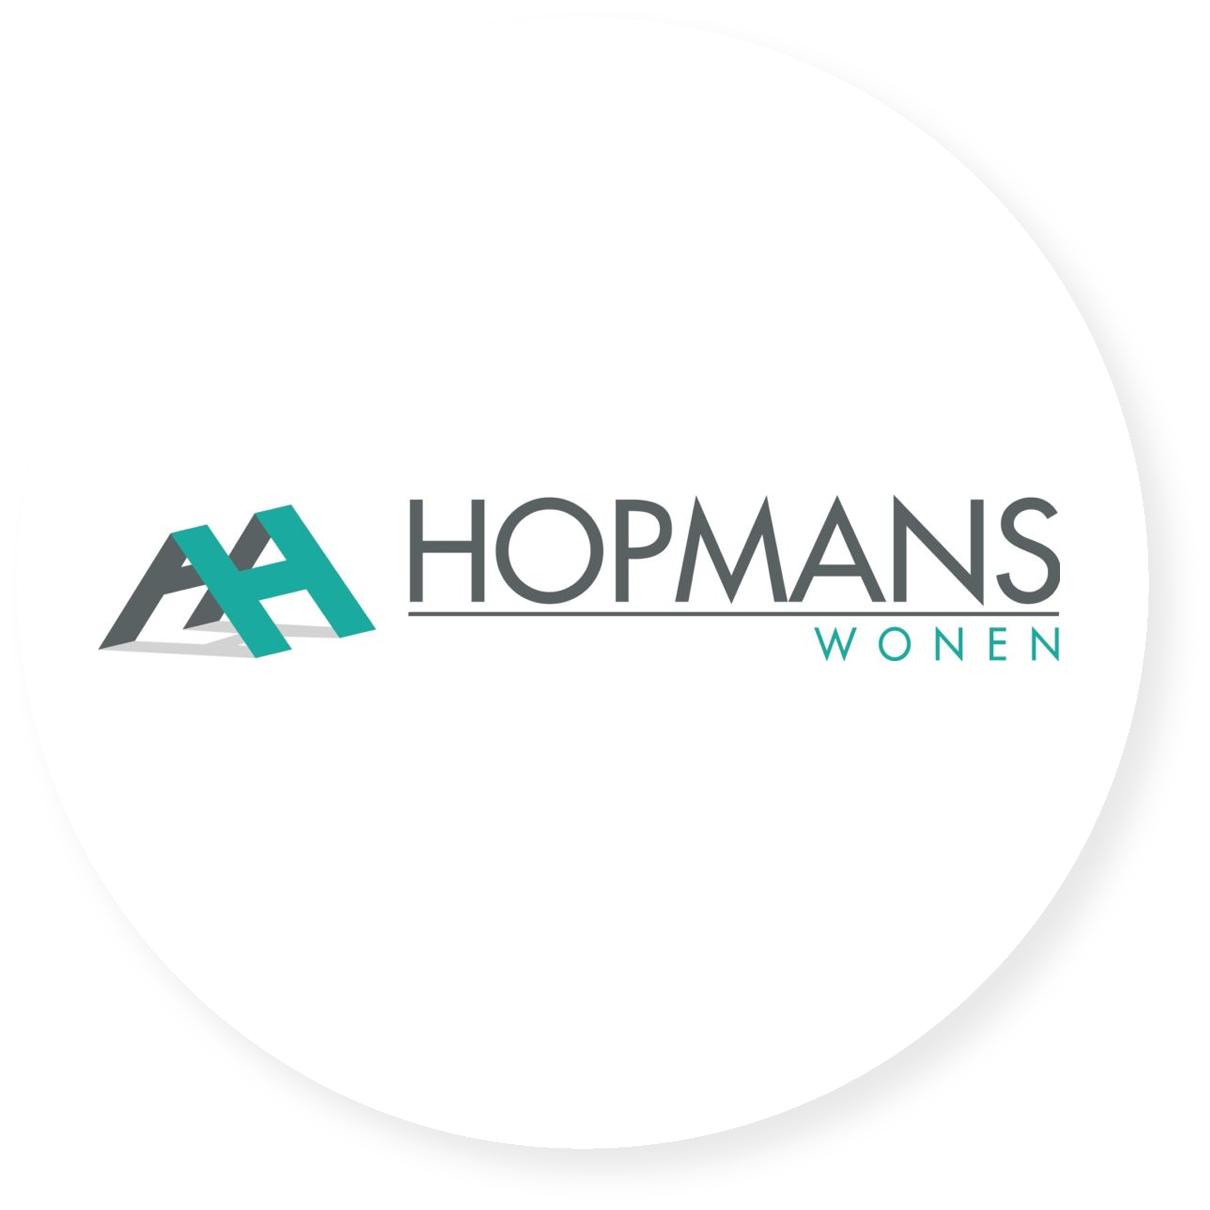 Ralph Hopmans